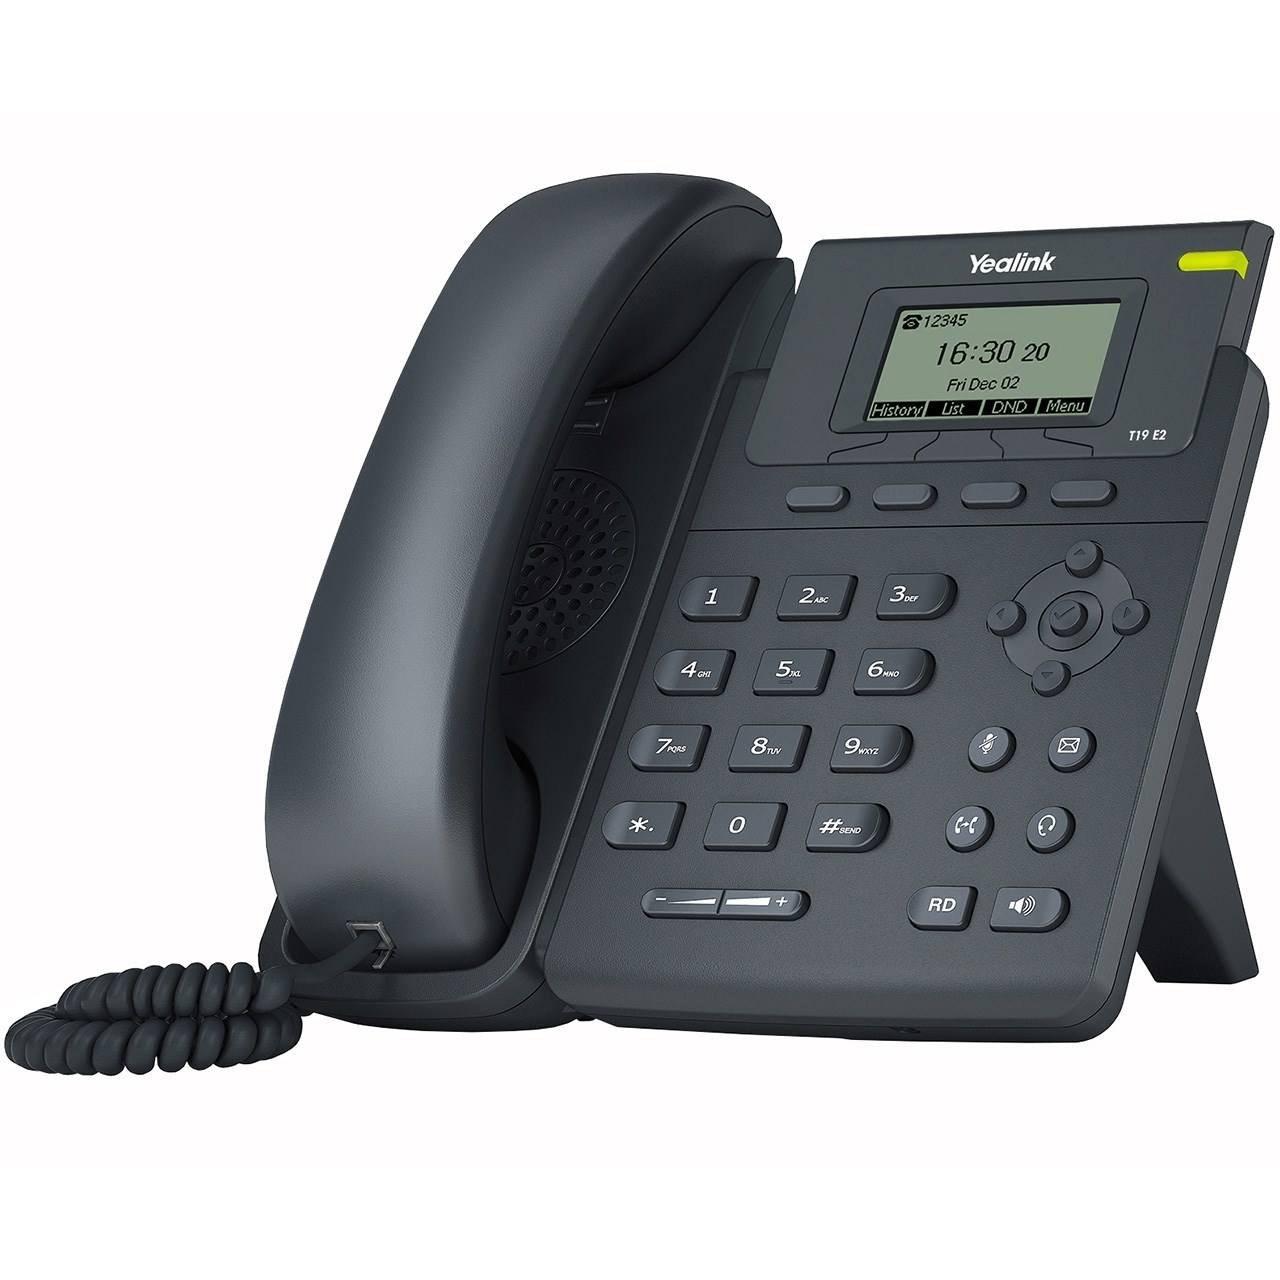 تصویر تلفن تحت شبکه یالینک مدل SIP T19  Yealink SIP T19  IP Phone